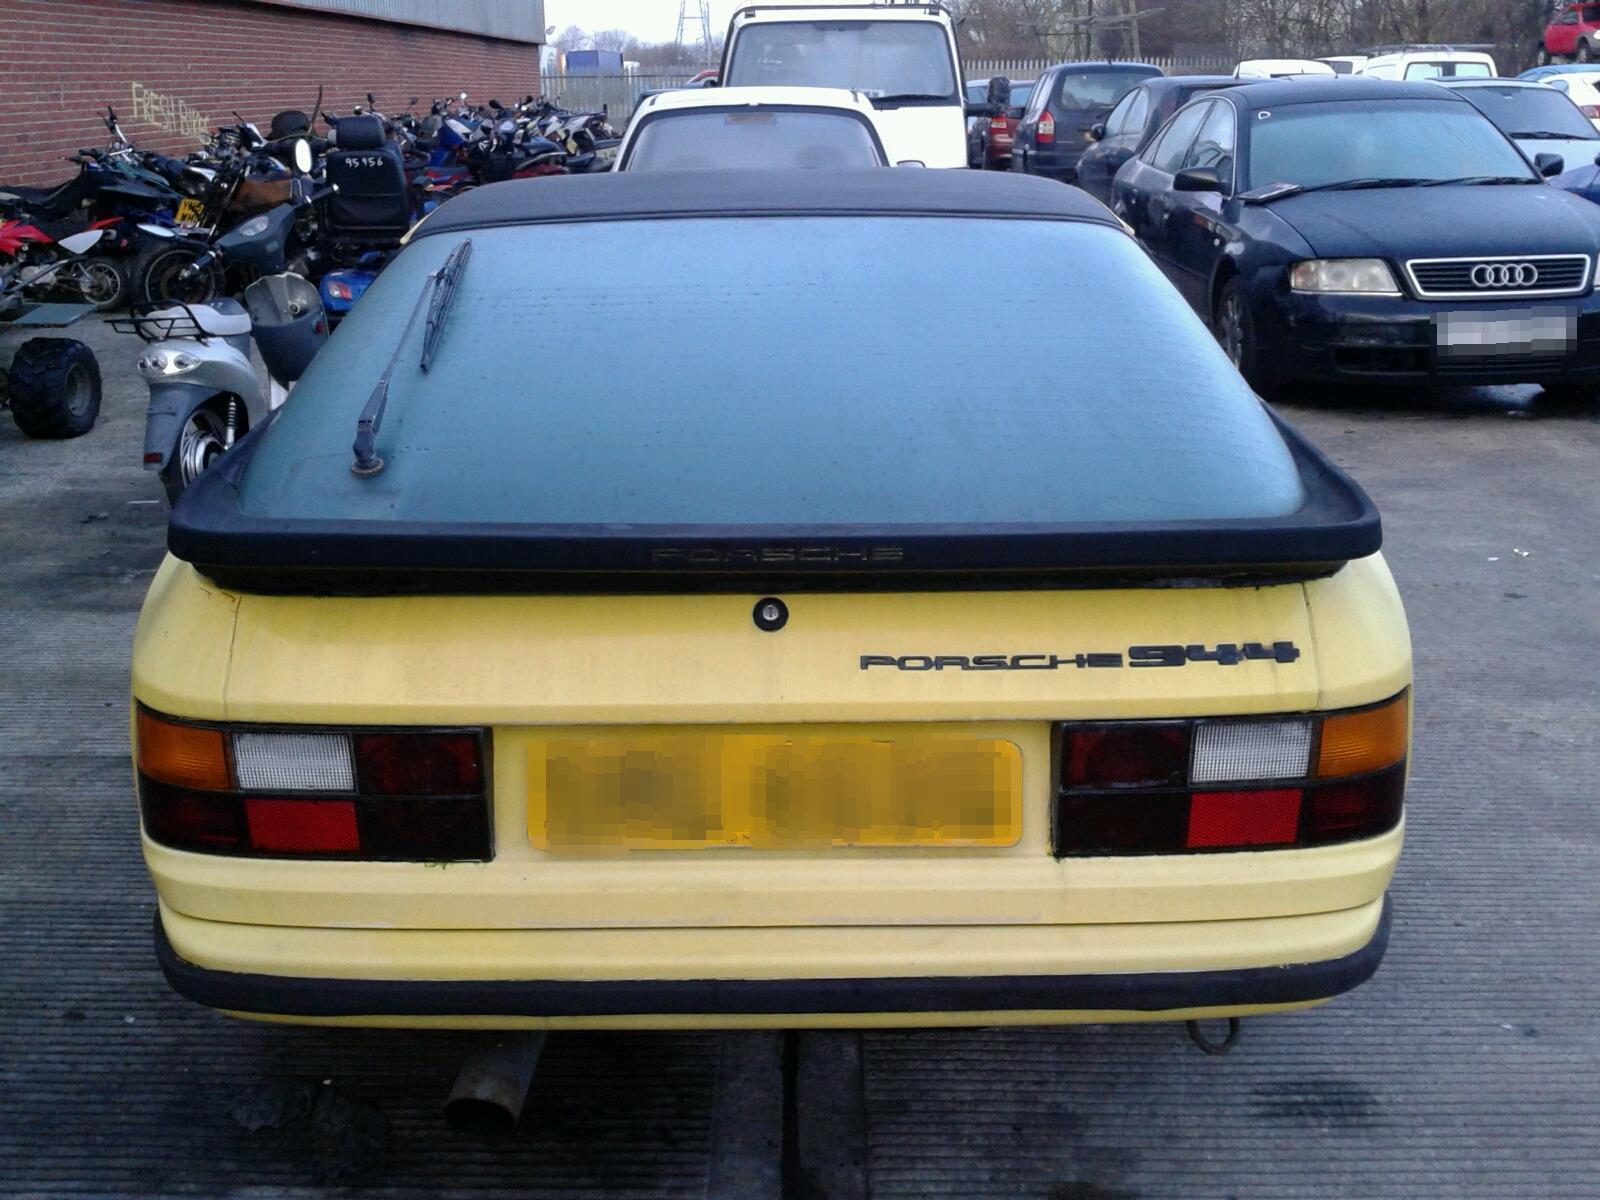 ... Porsche 924 1976 To 1988 2 Door Coupe ...